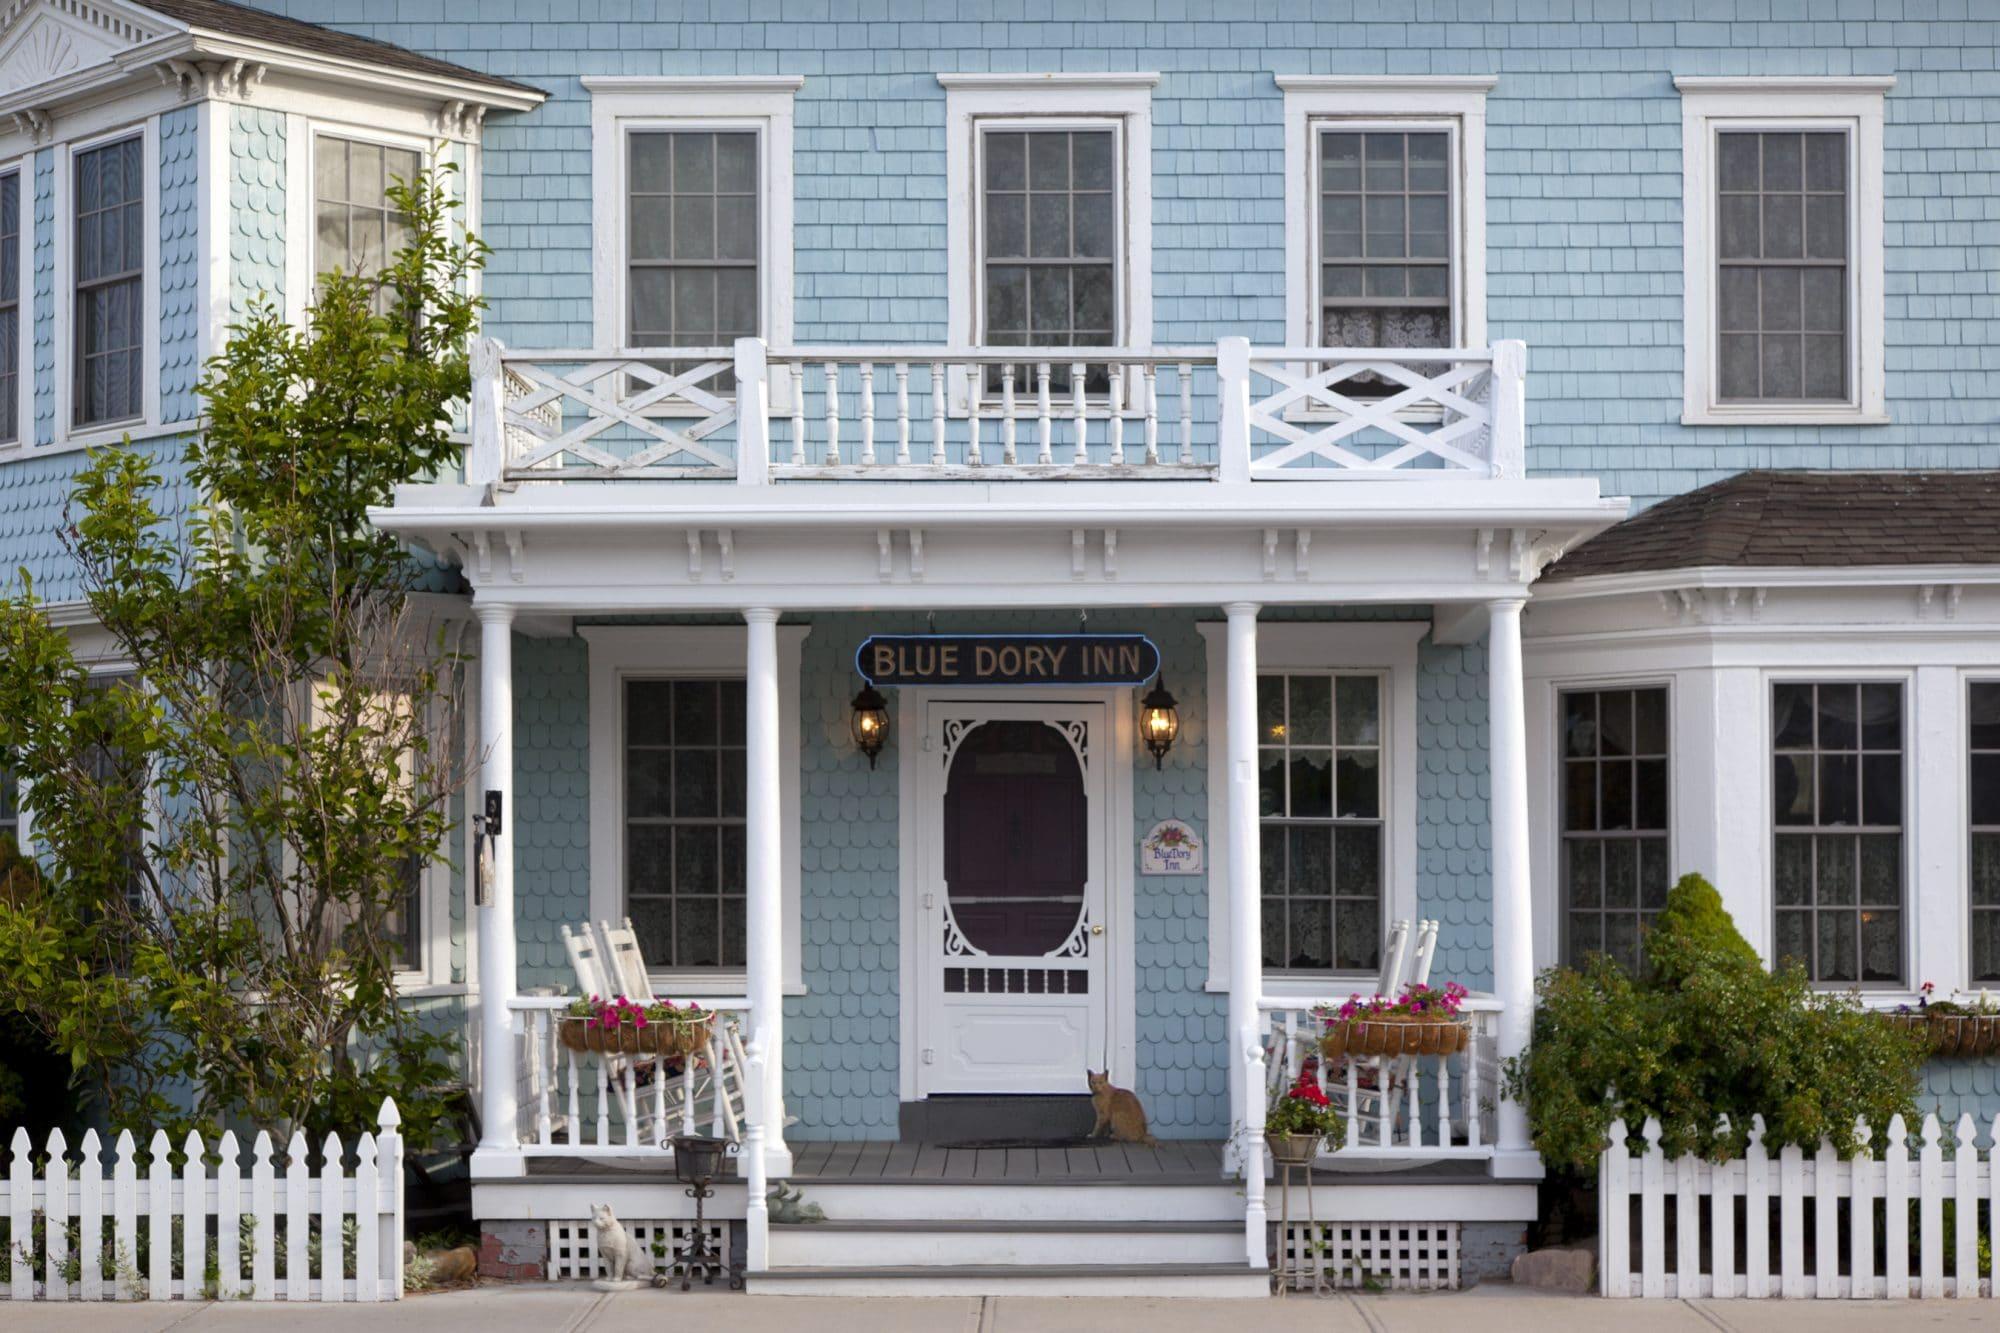 21 Blue Dory Inn 6-2011